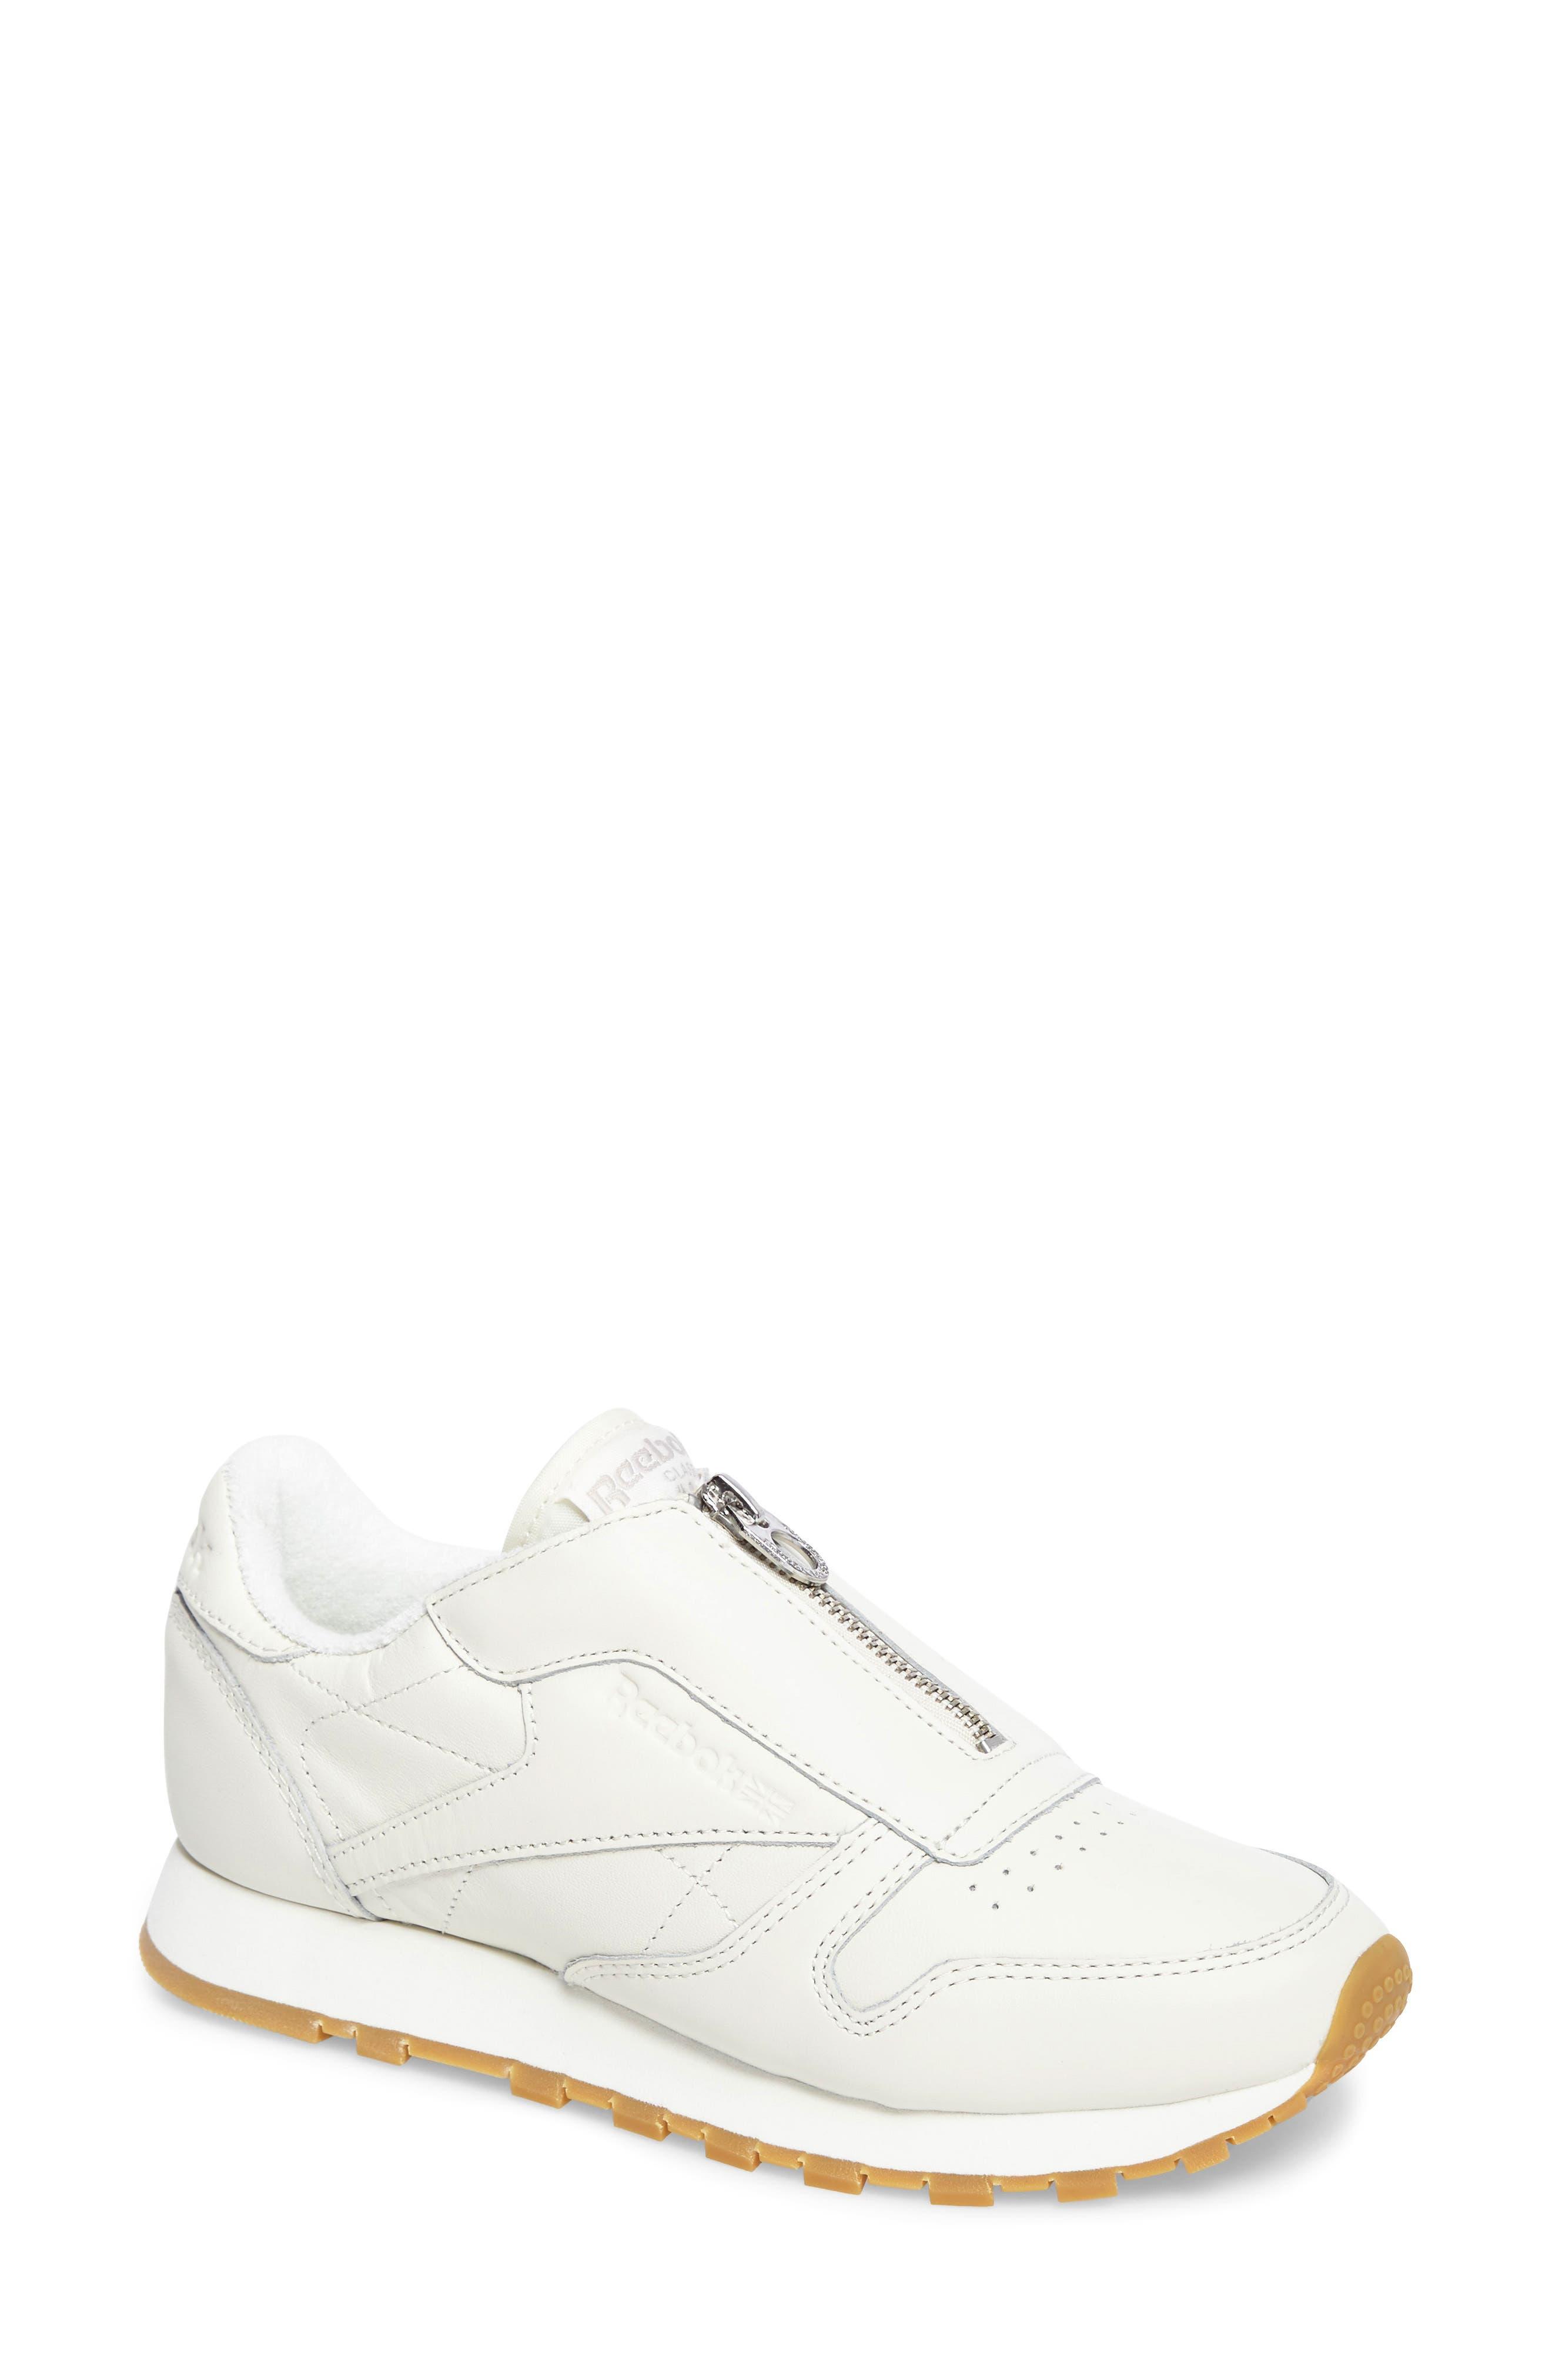 Reebok Classic Leather Zip Sneaker (Women)